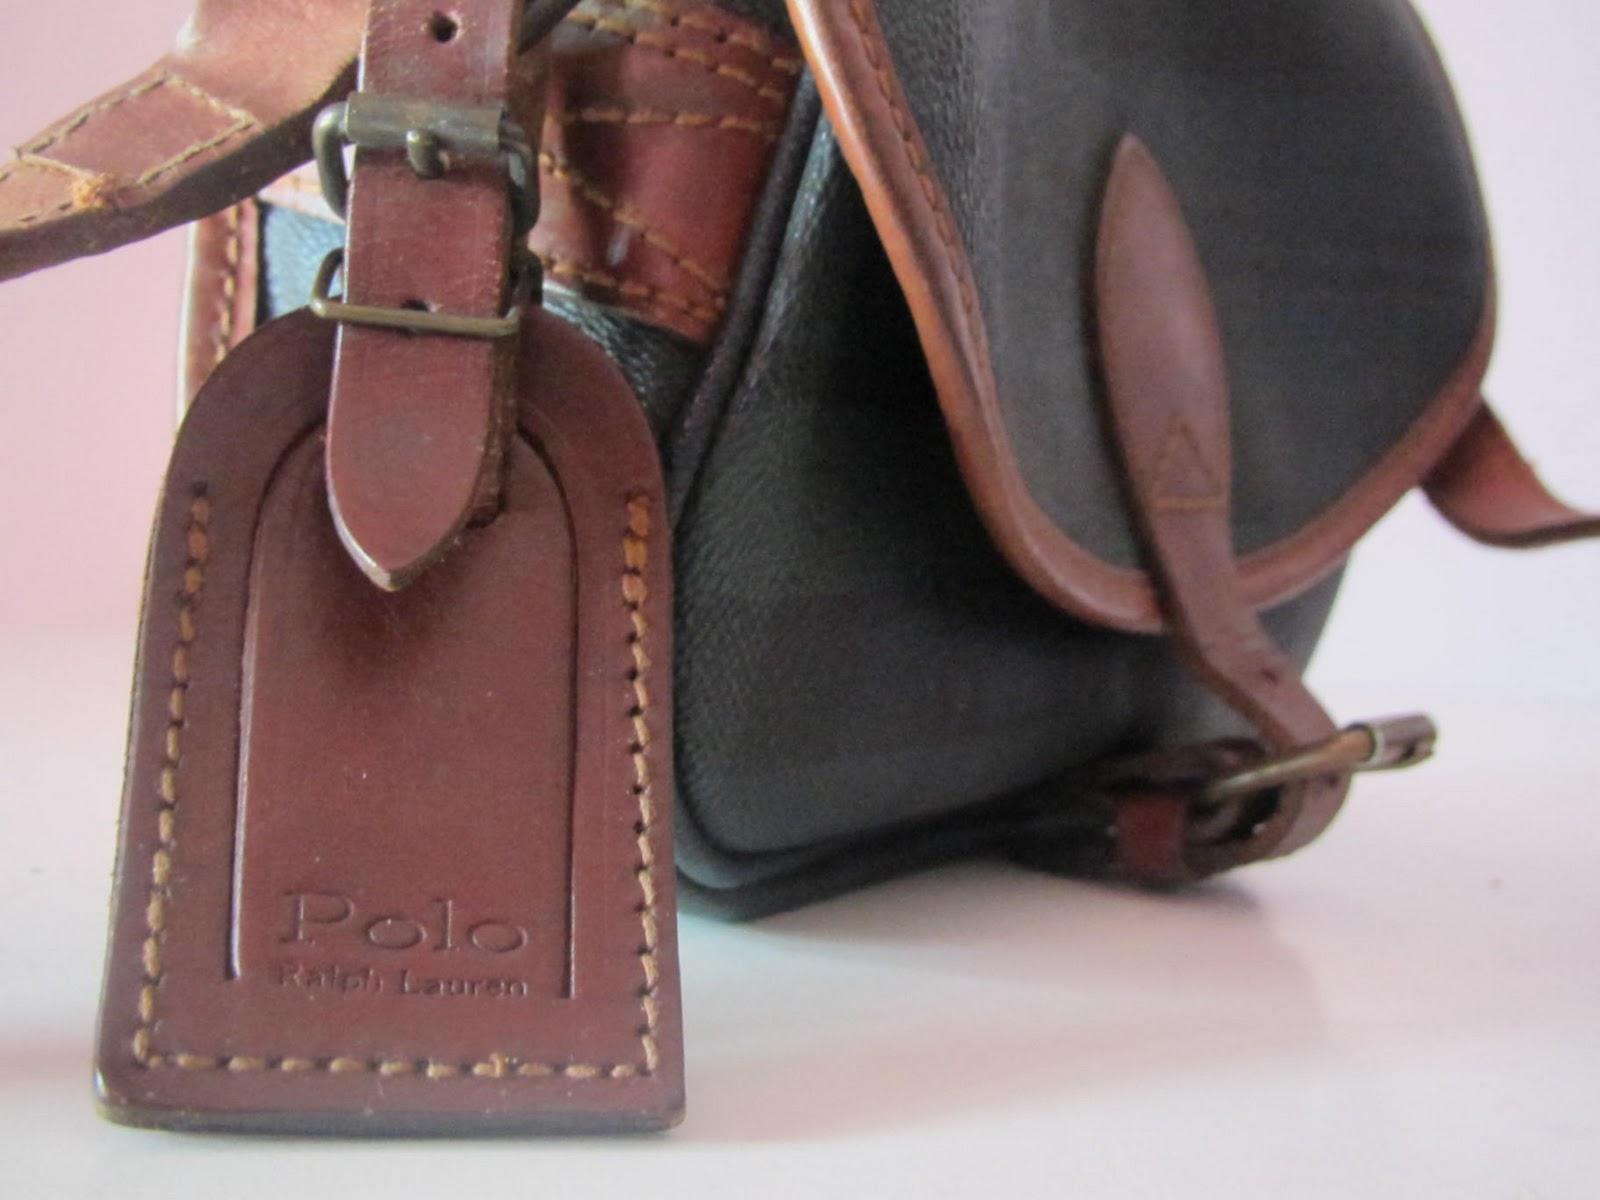 THE BAGBLOGSHOP.  VINTAGE POLO RALPH LAUREN SLING BAG (SOLD) e9f6ef1ce1